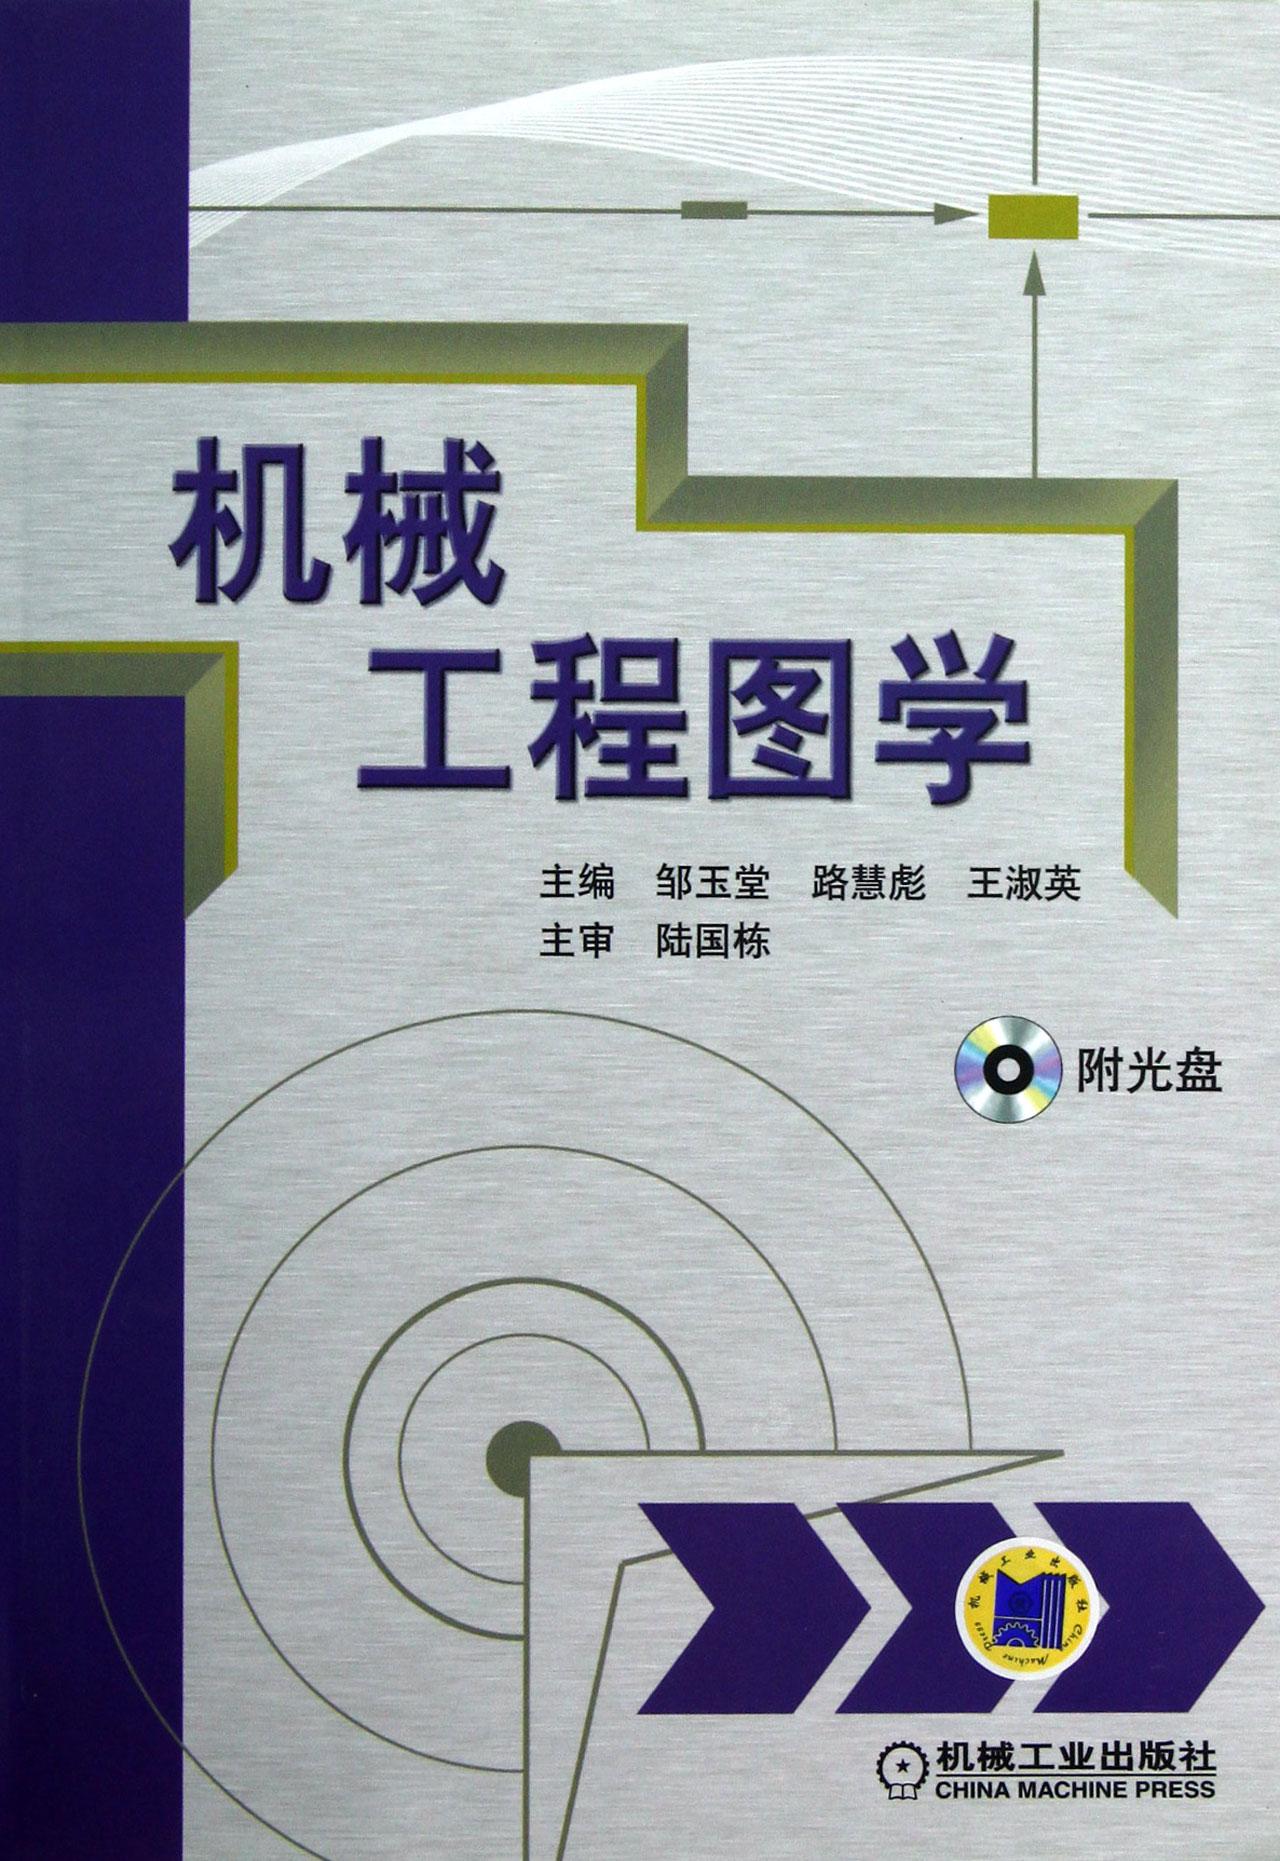 机械工业 机械设计